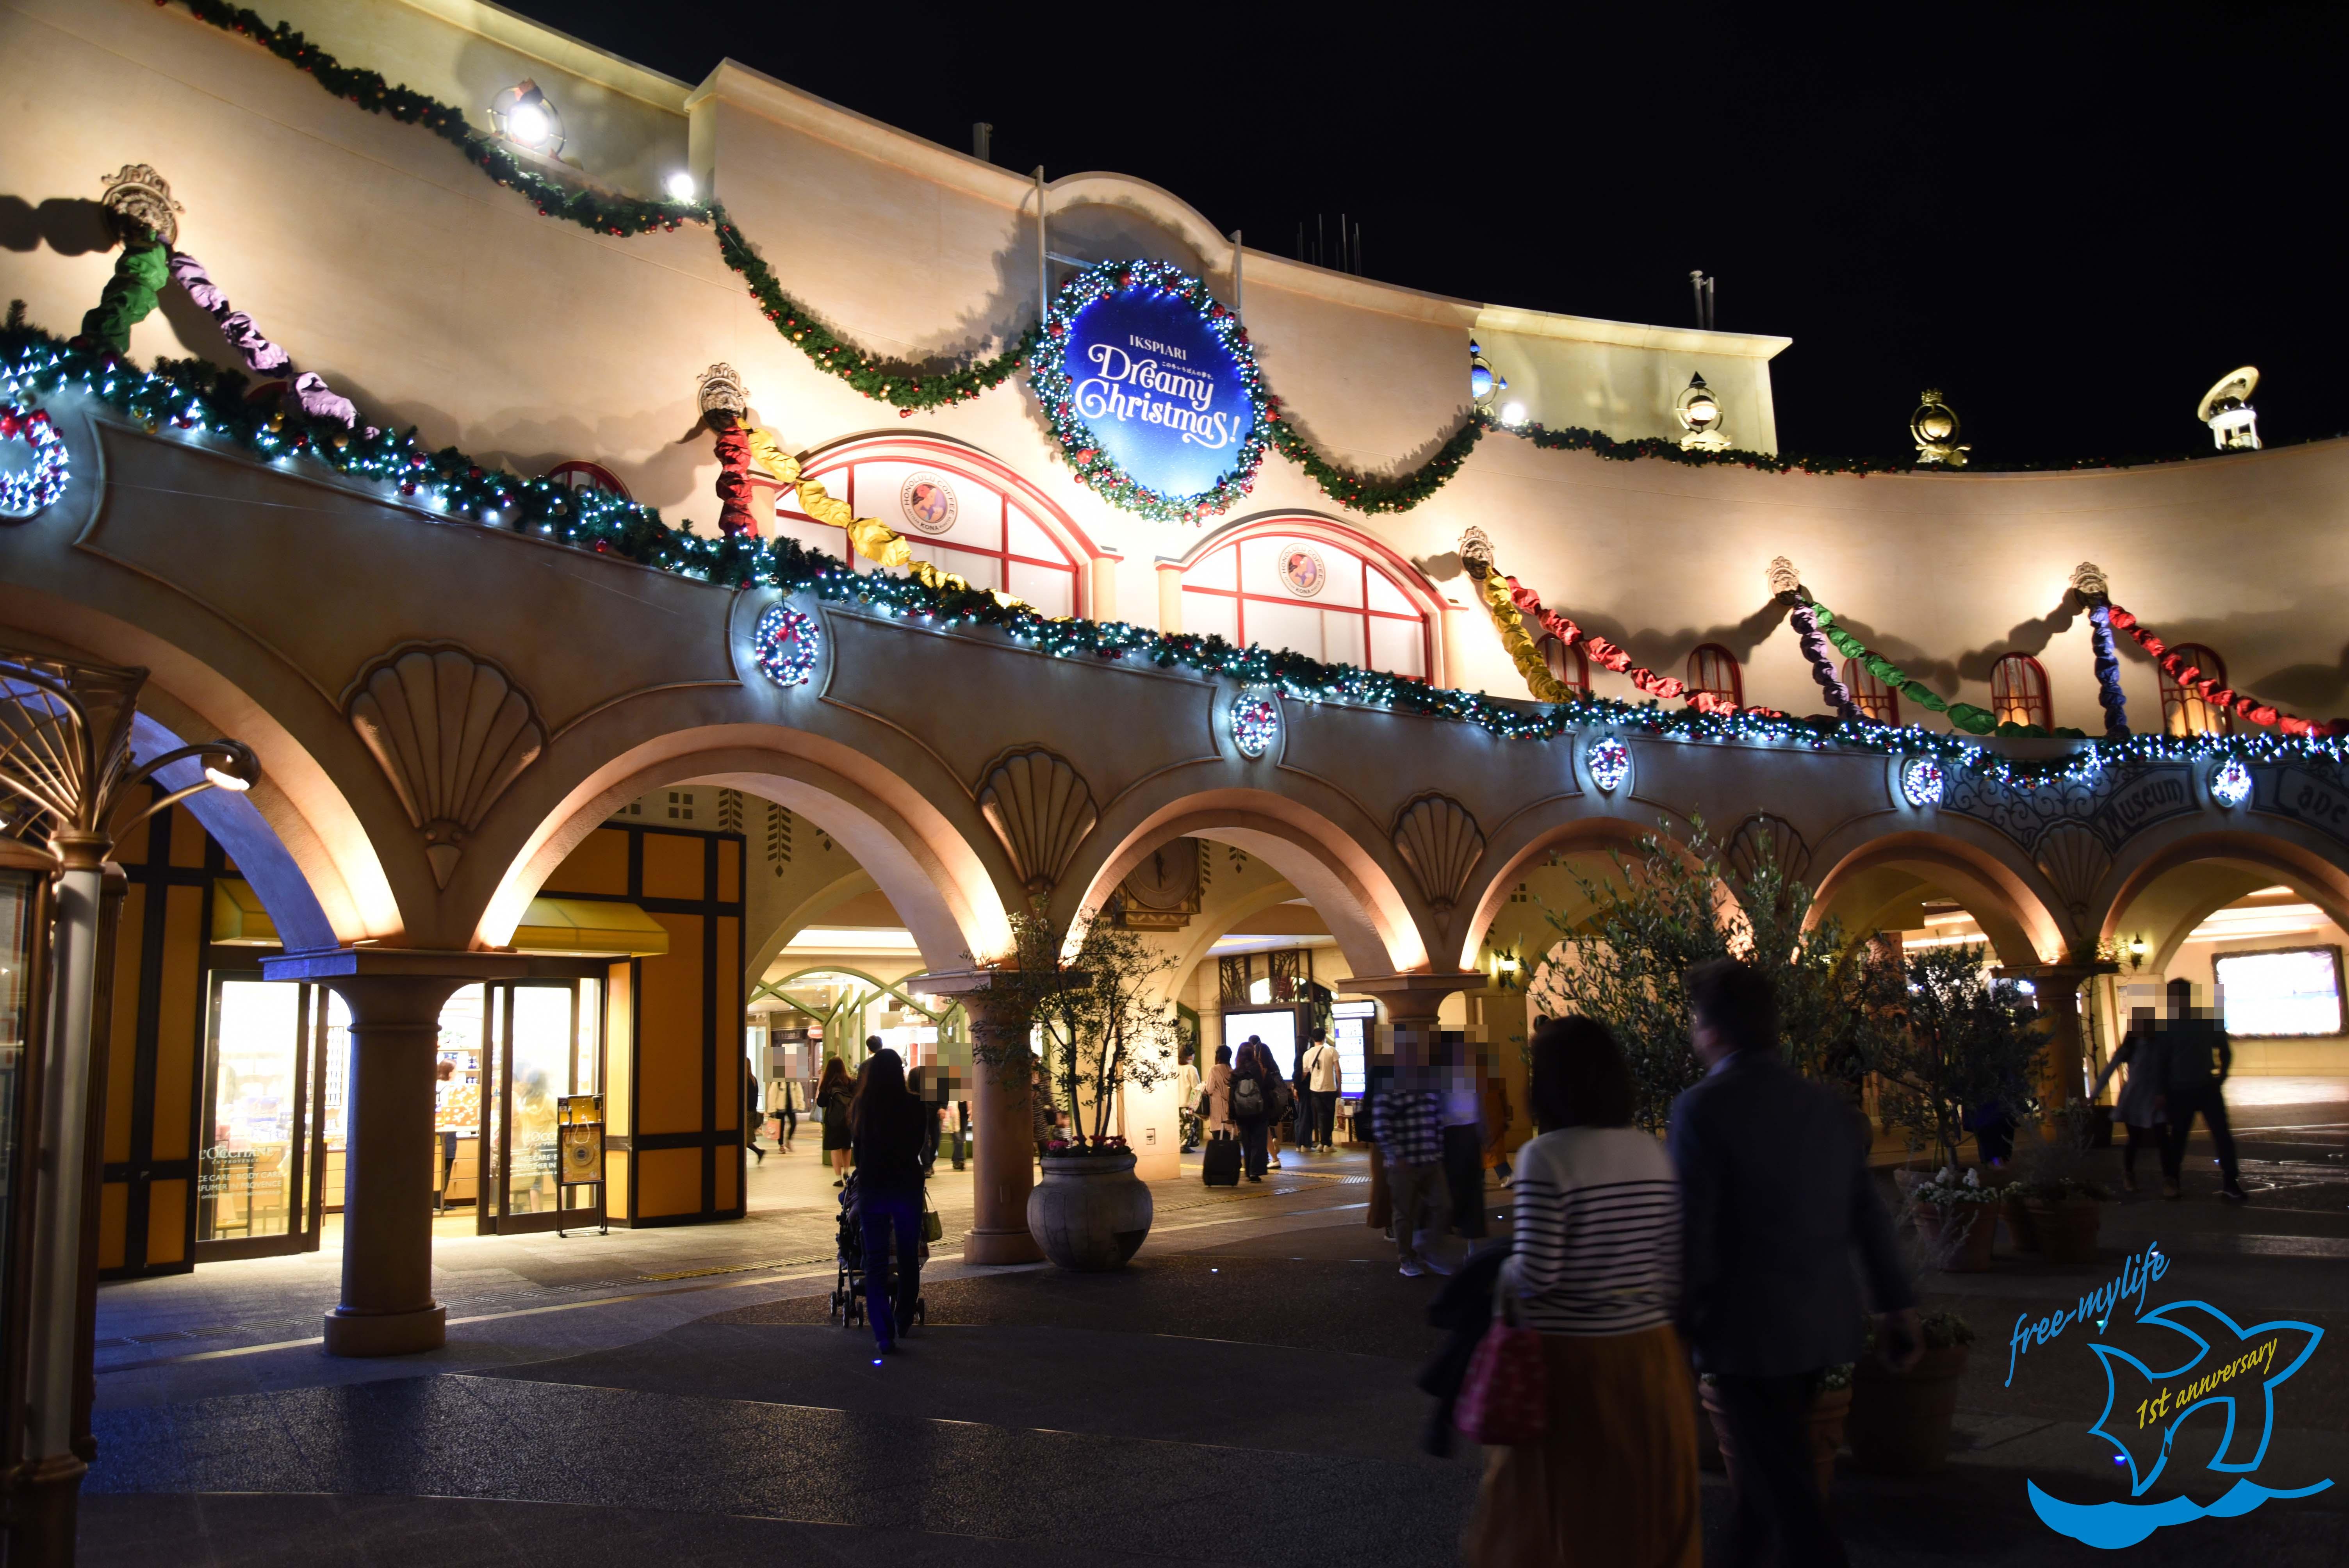 【イクスピアリ新イベント】ドリーミークリスマスを家族で楽しもう